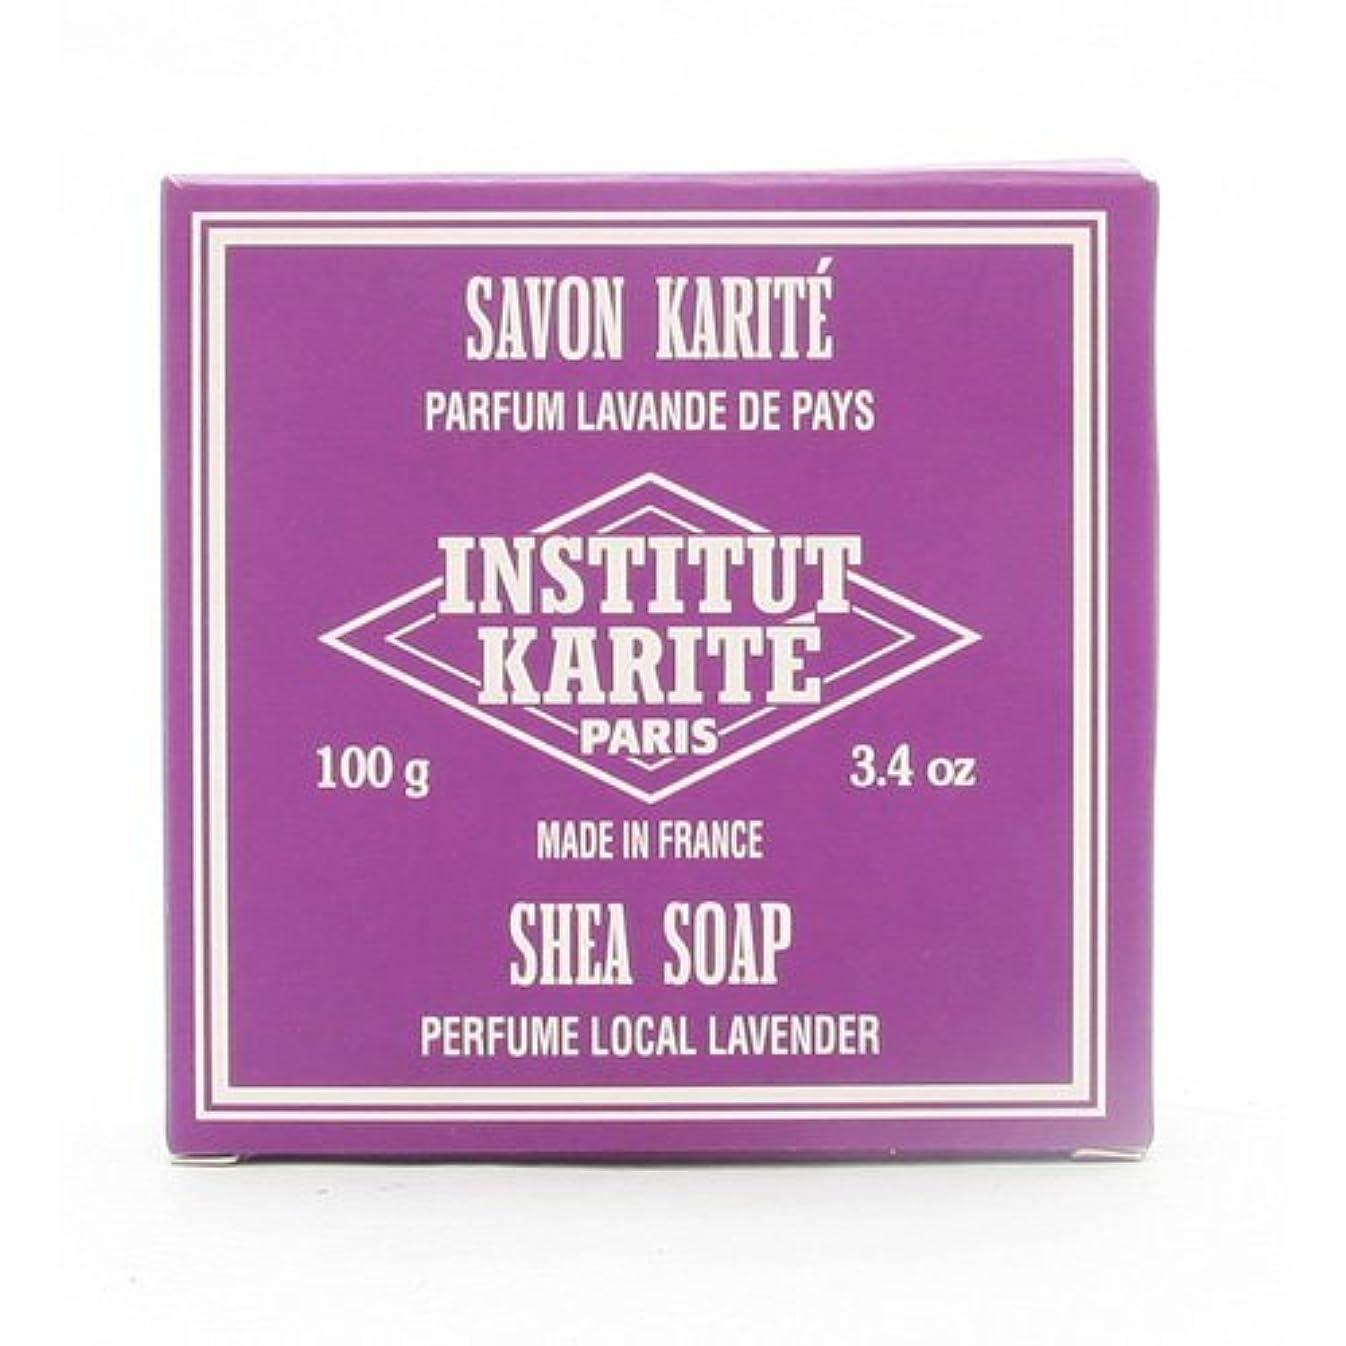 爆発成り立つ担保INSTITUT KARITE インスティテュート カリテ 25% Extra Gentle Soap ジェントルソープ 100g Local Lavender ローカルラベンダー